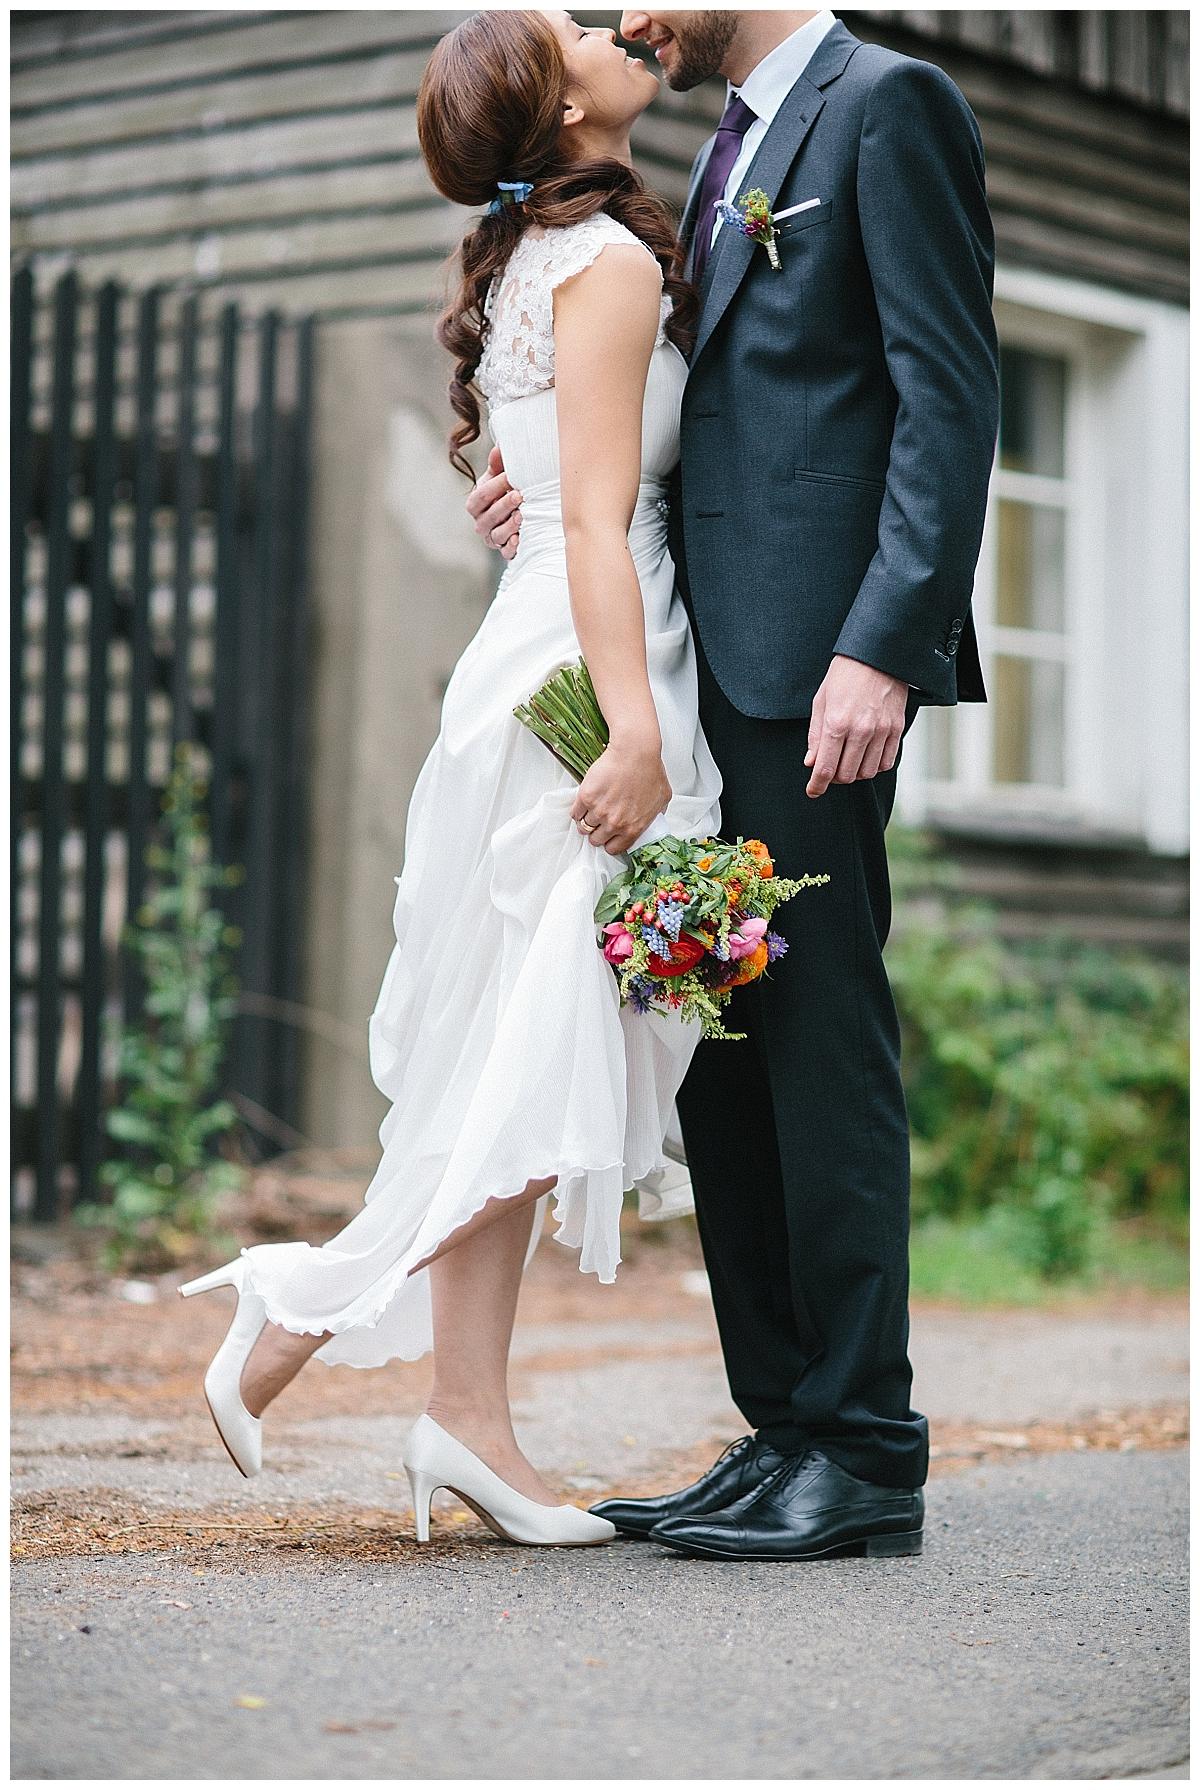 Verrueckt nach Hochzeit | echte Hochzeit auf dem Engelshof in Köln | Fotos: http://leabremicker.pass.us/melissa-und-tilo-hochzeit